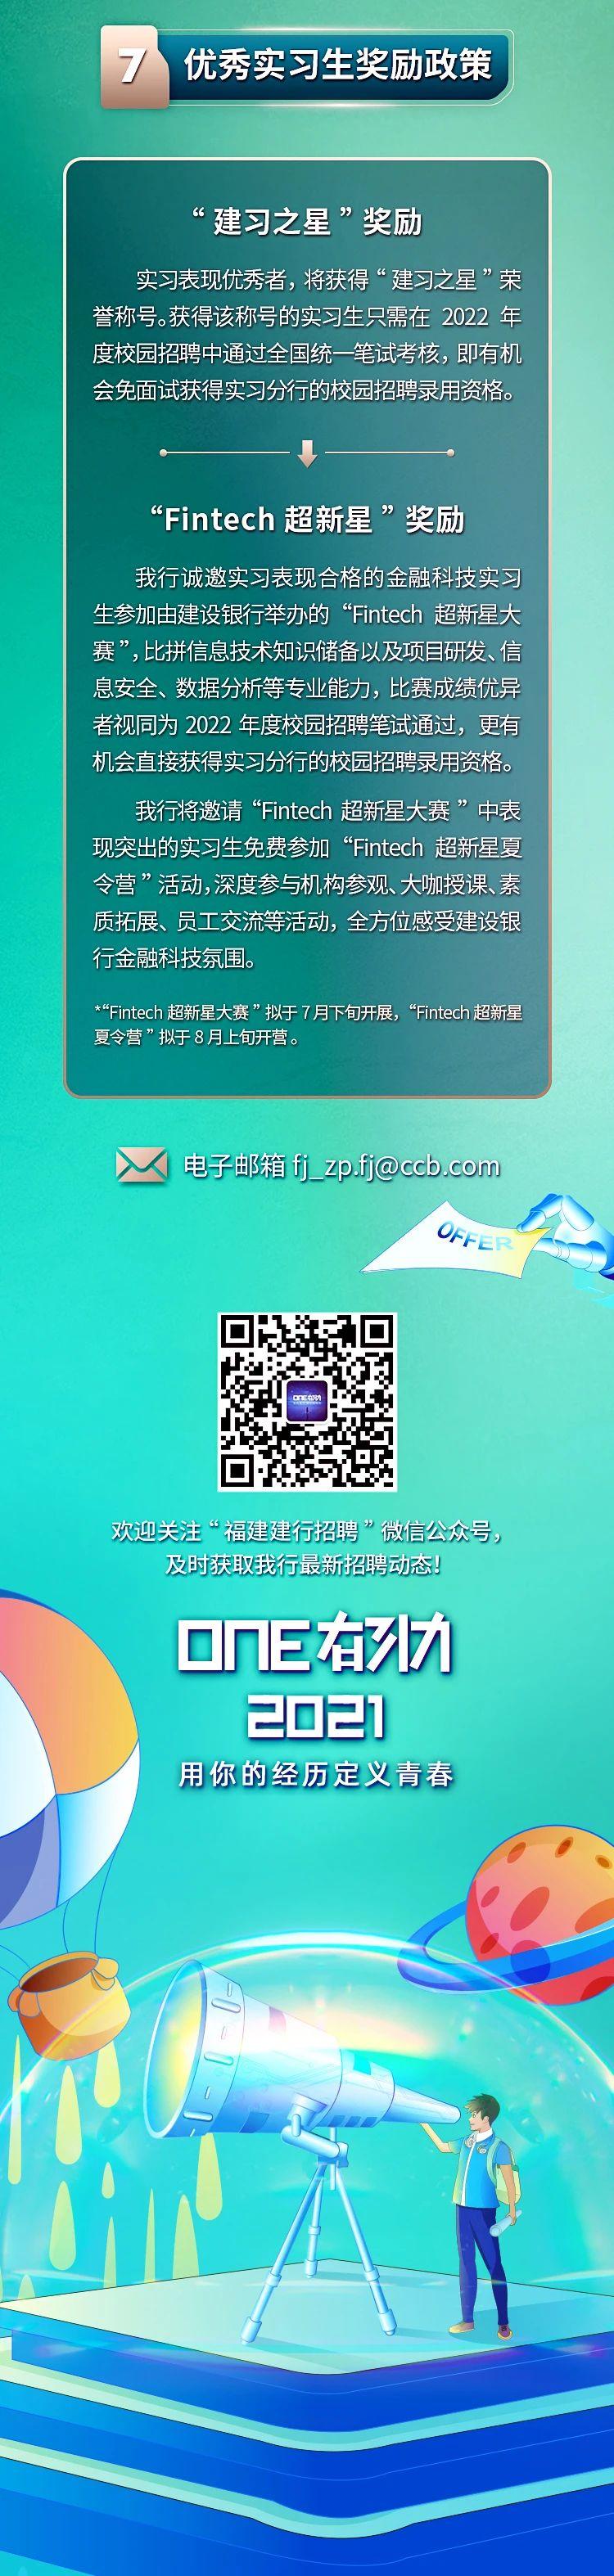 微信图片_20210522223830.jpg